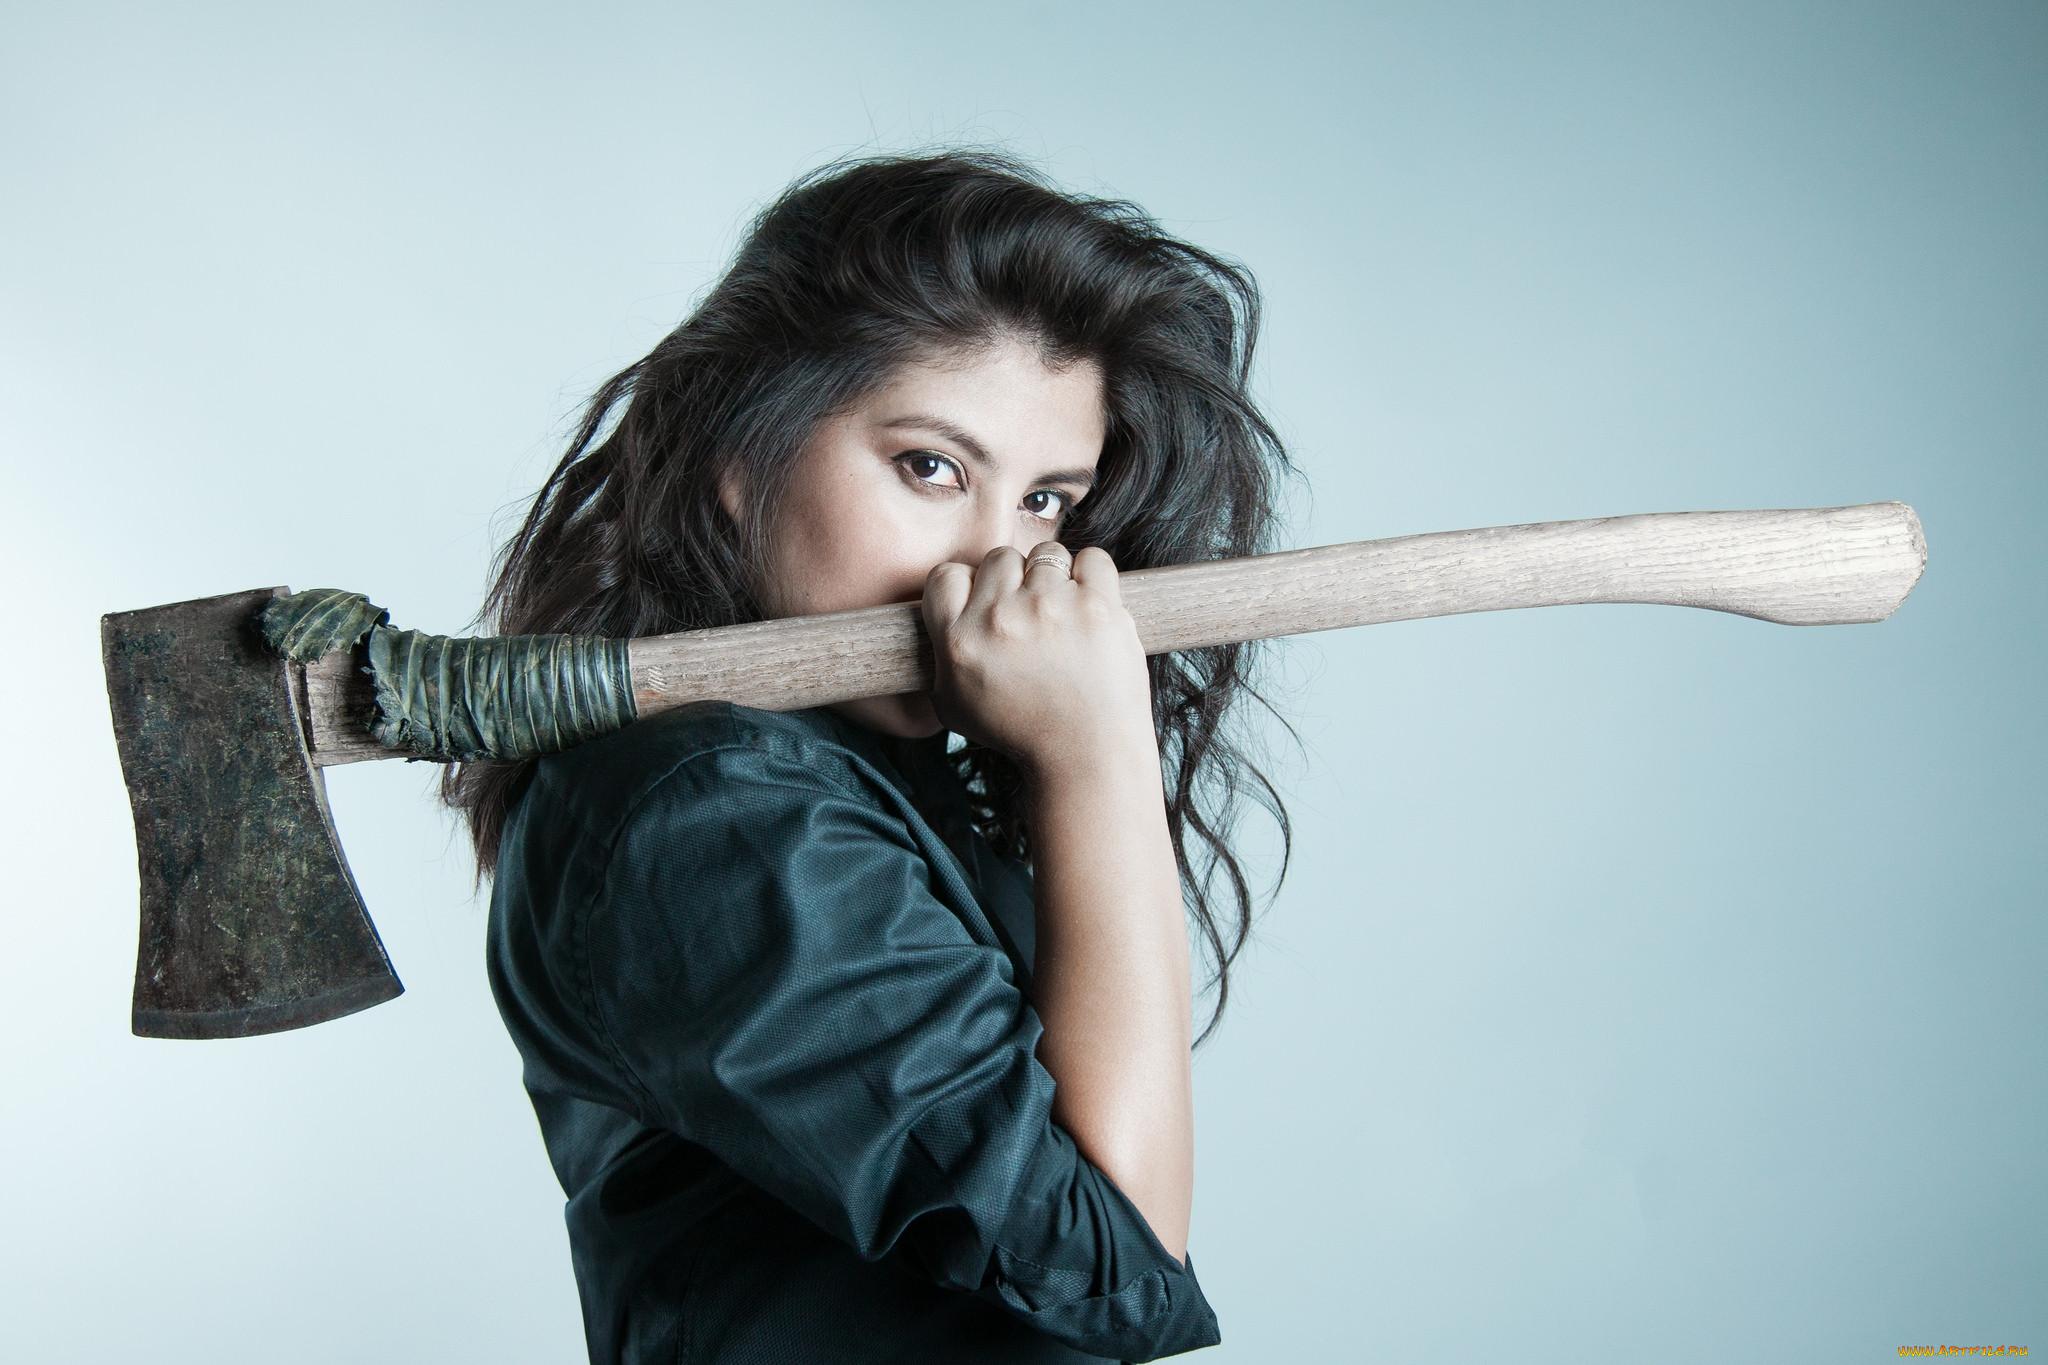 Девушка с ножом картинка